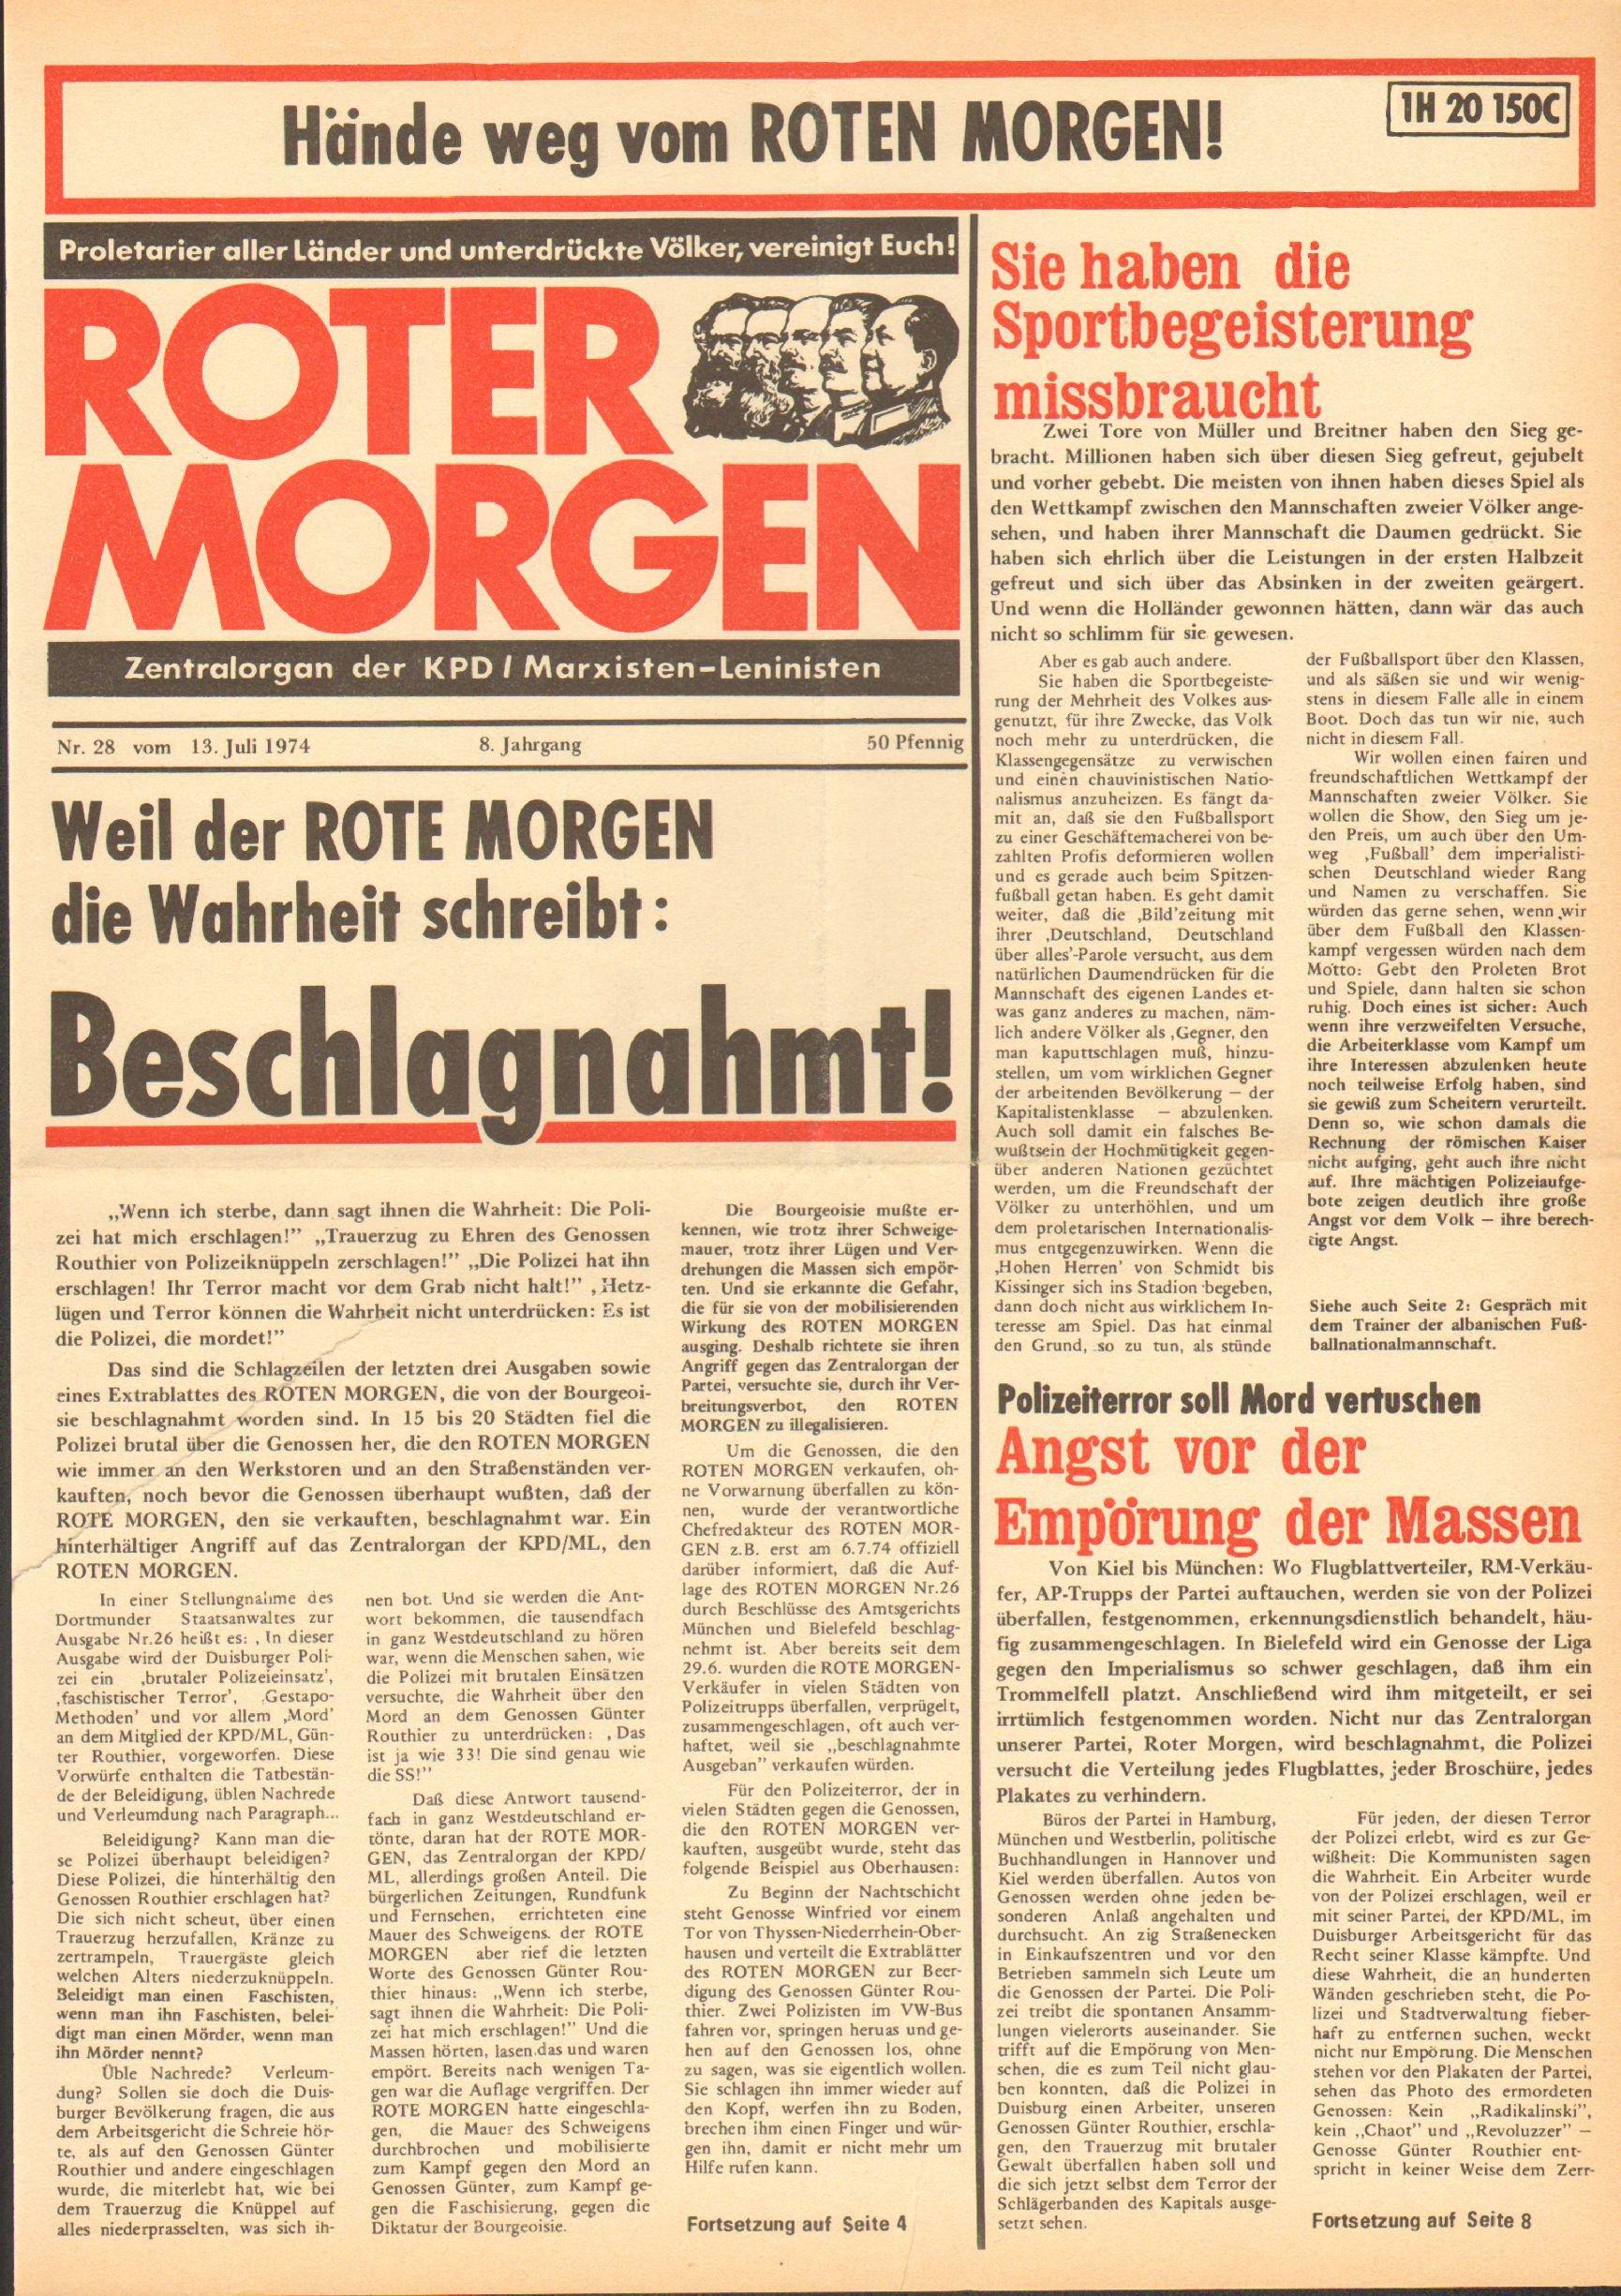 RM 28/1974, S. 1